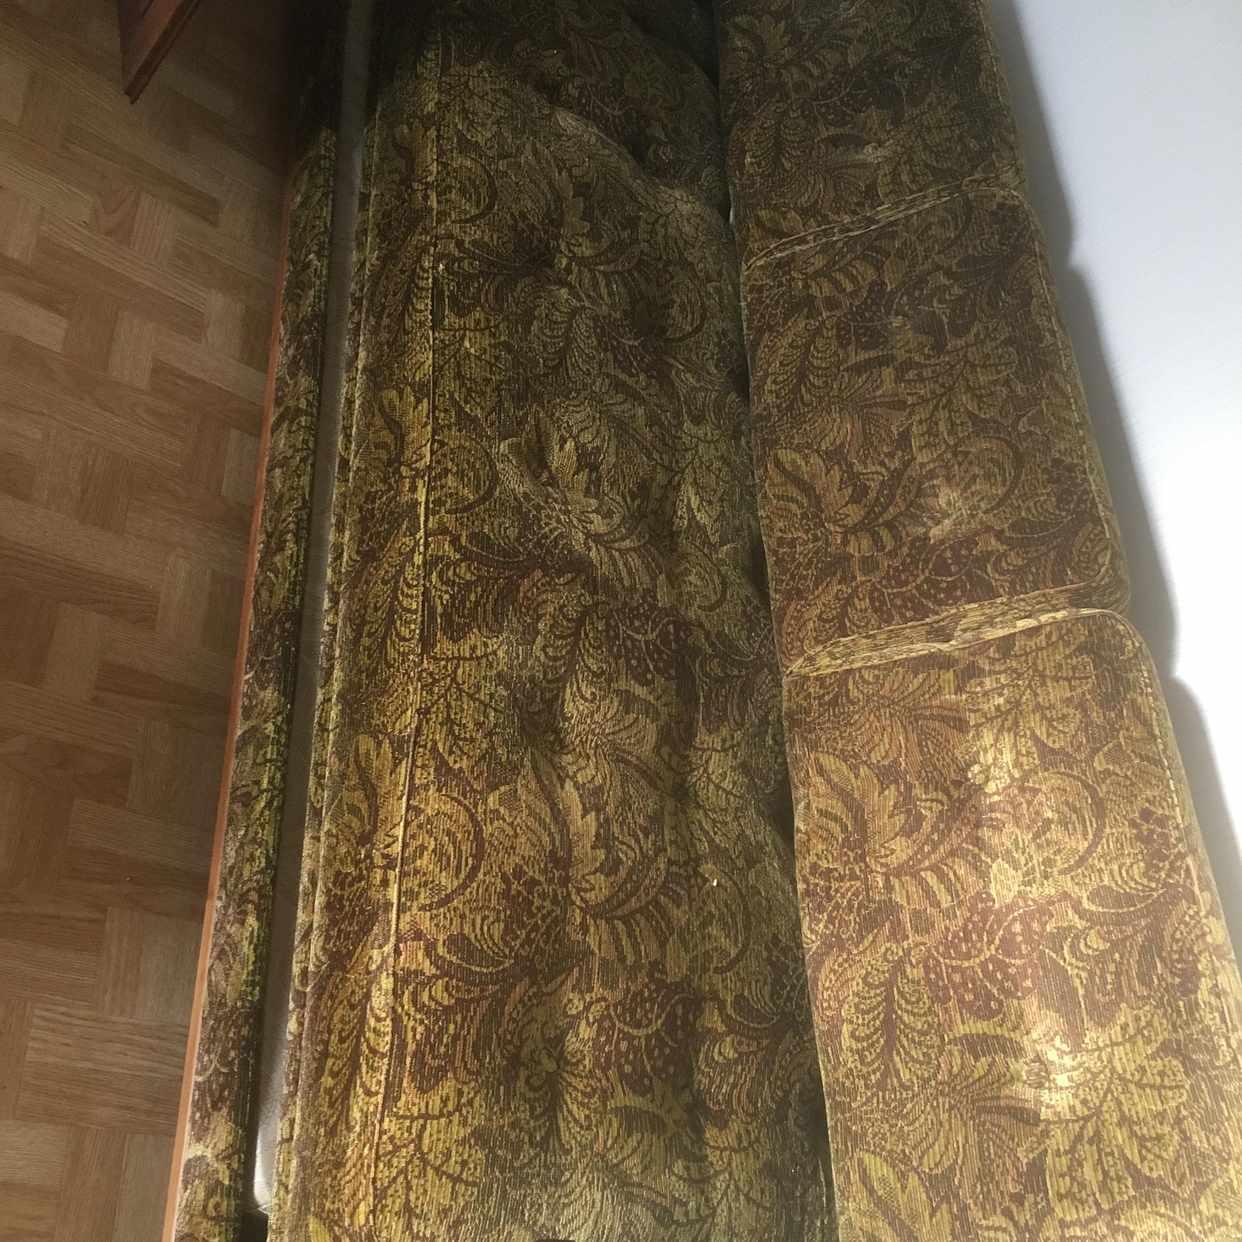 image of Säng soppåsar stolar - Danderyd